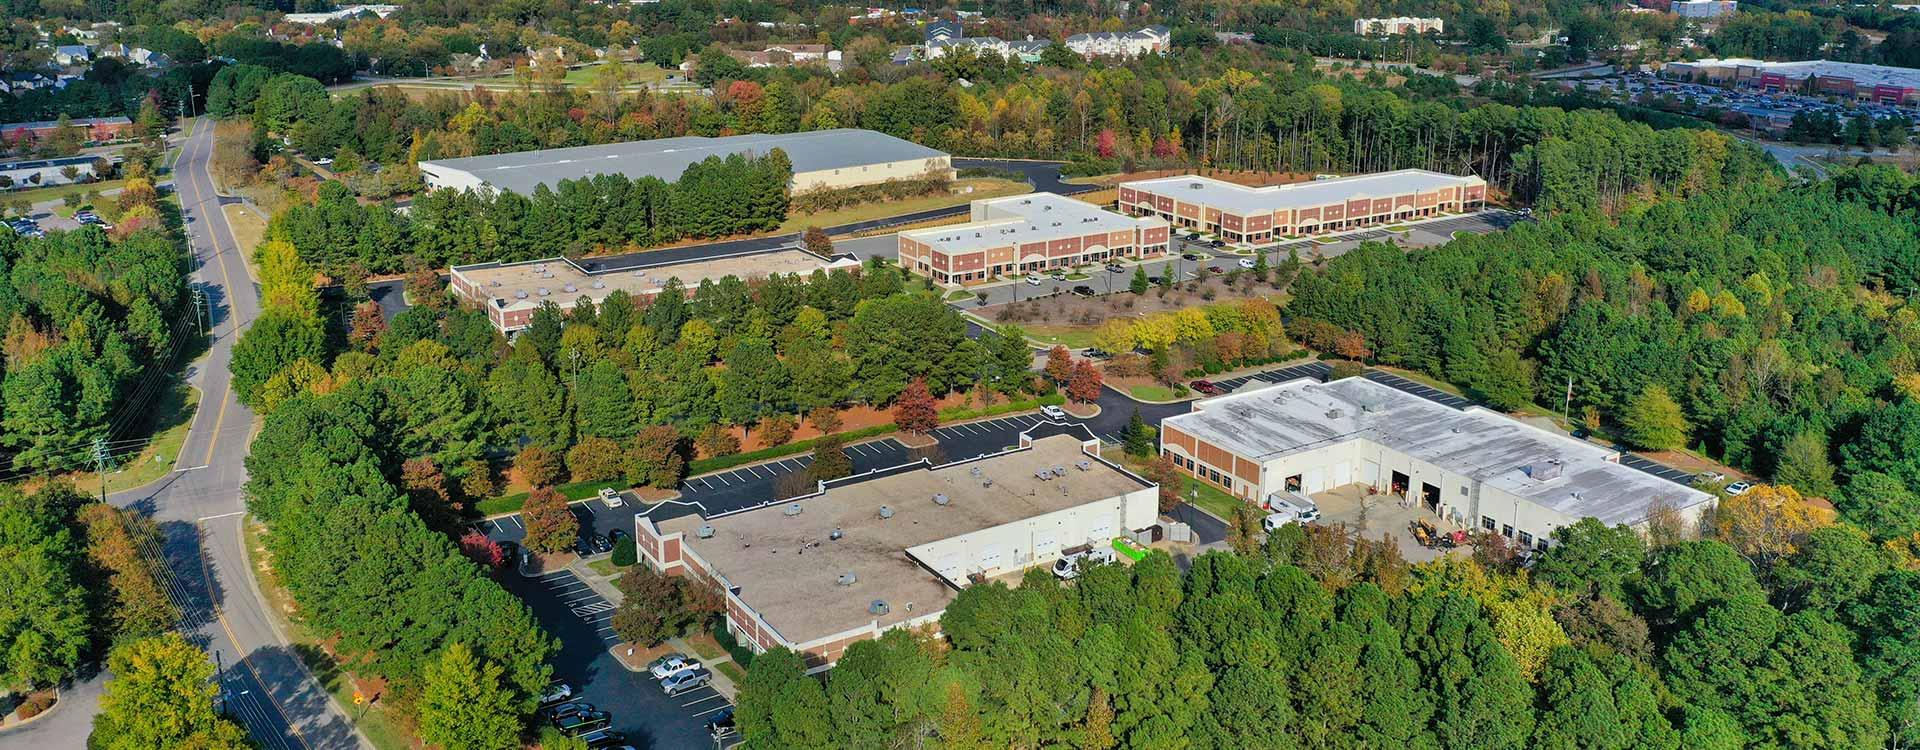 Norris Park Overhead | Apex, NC